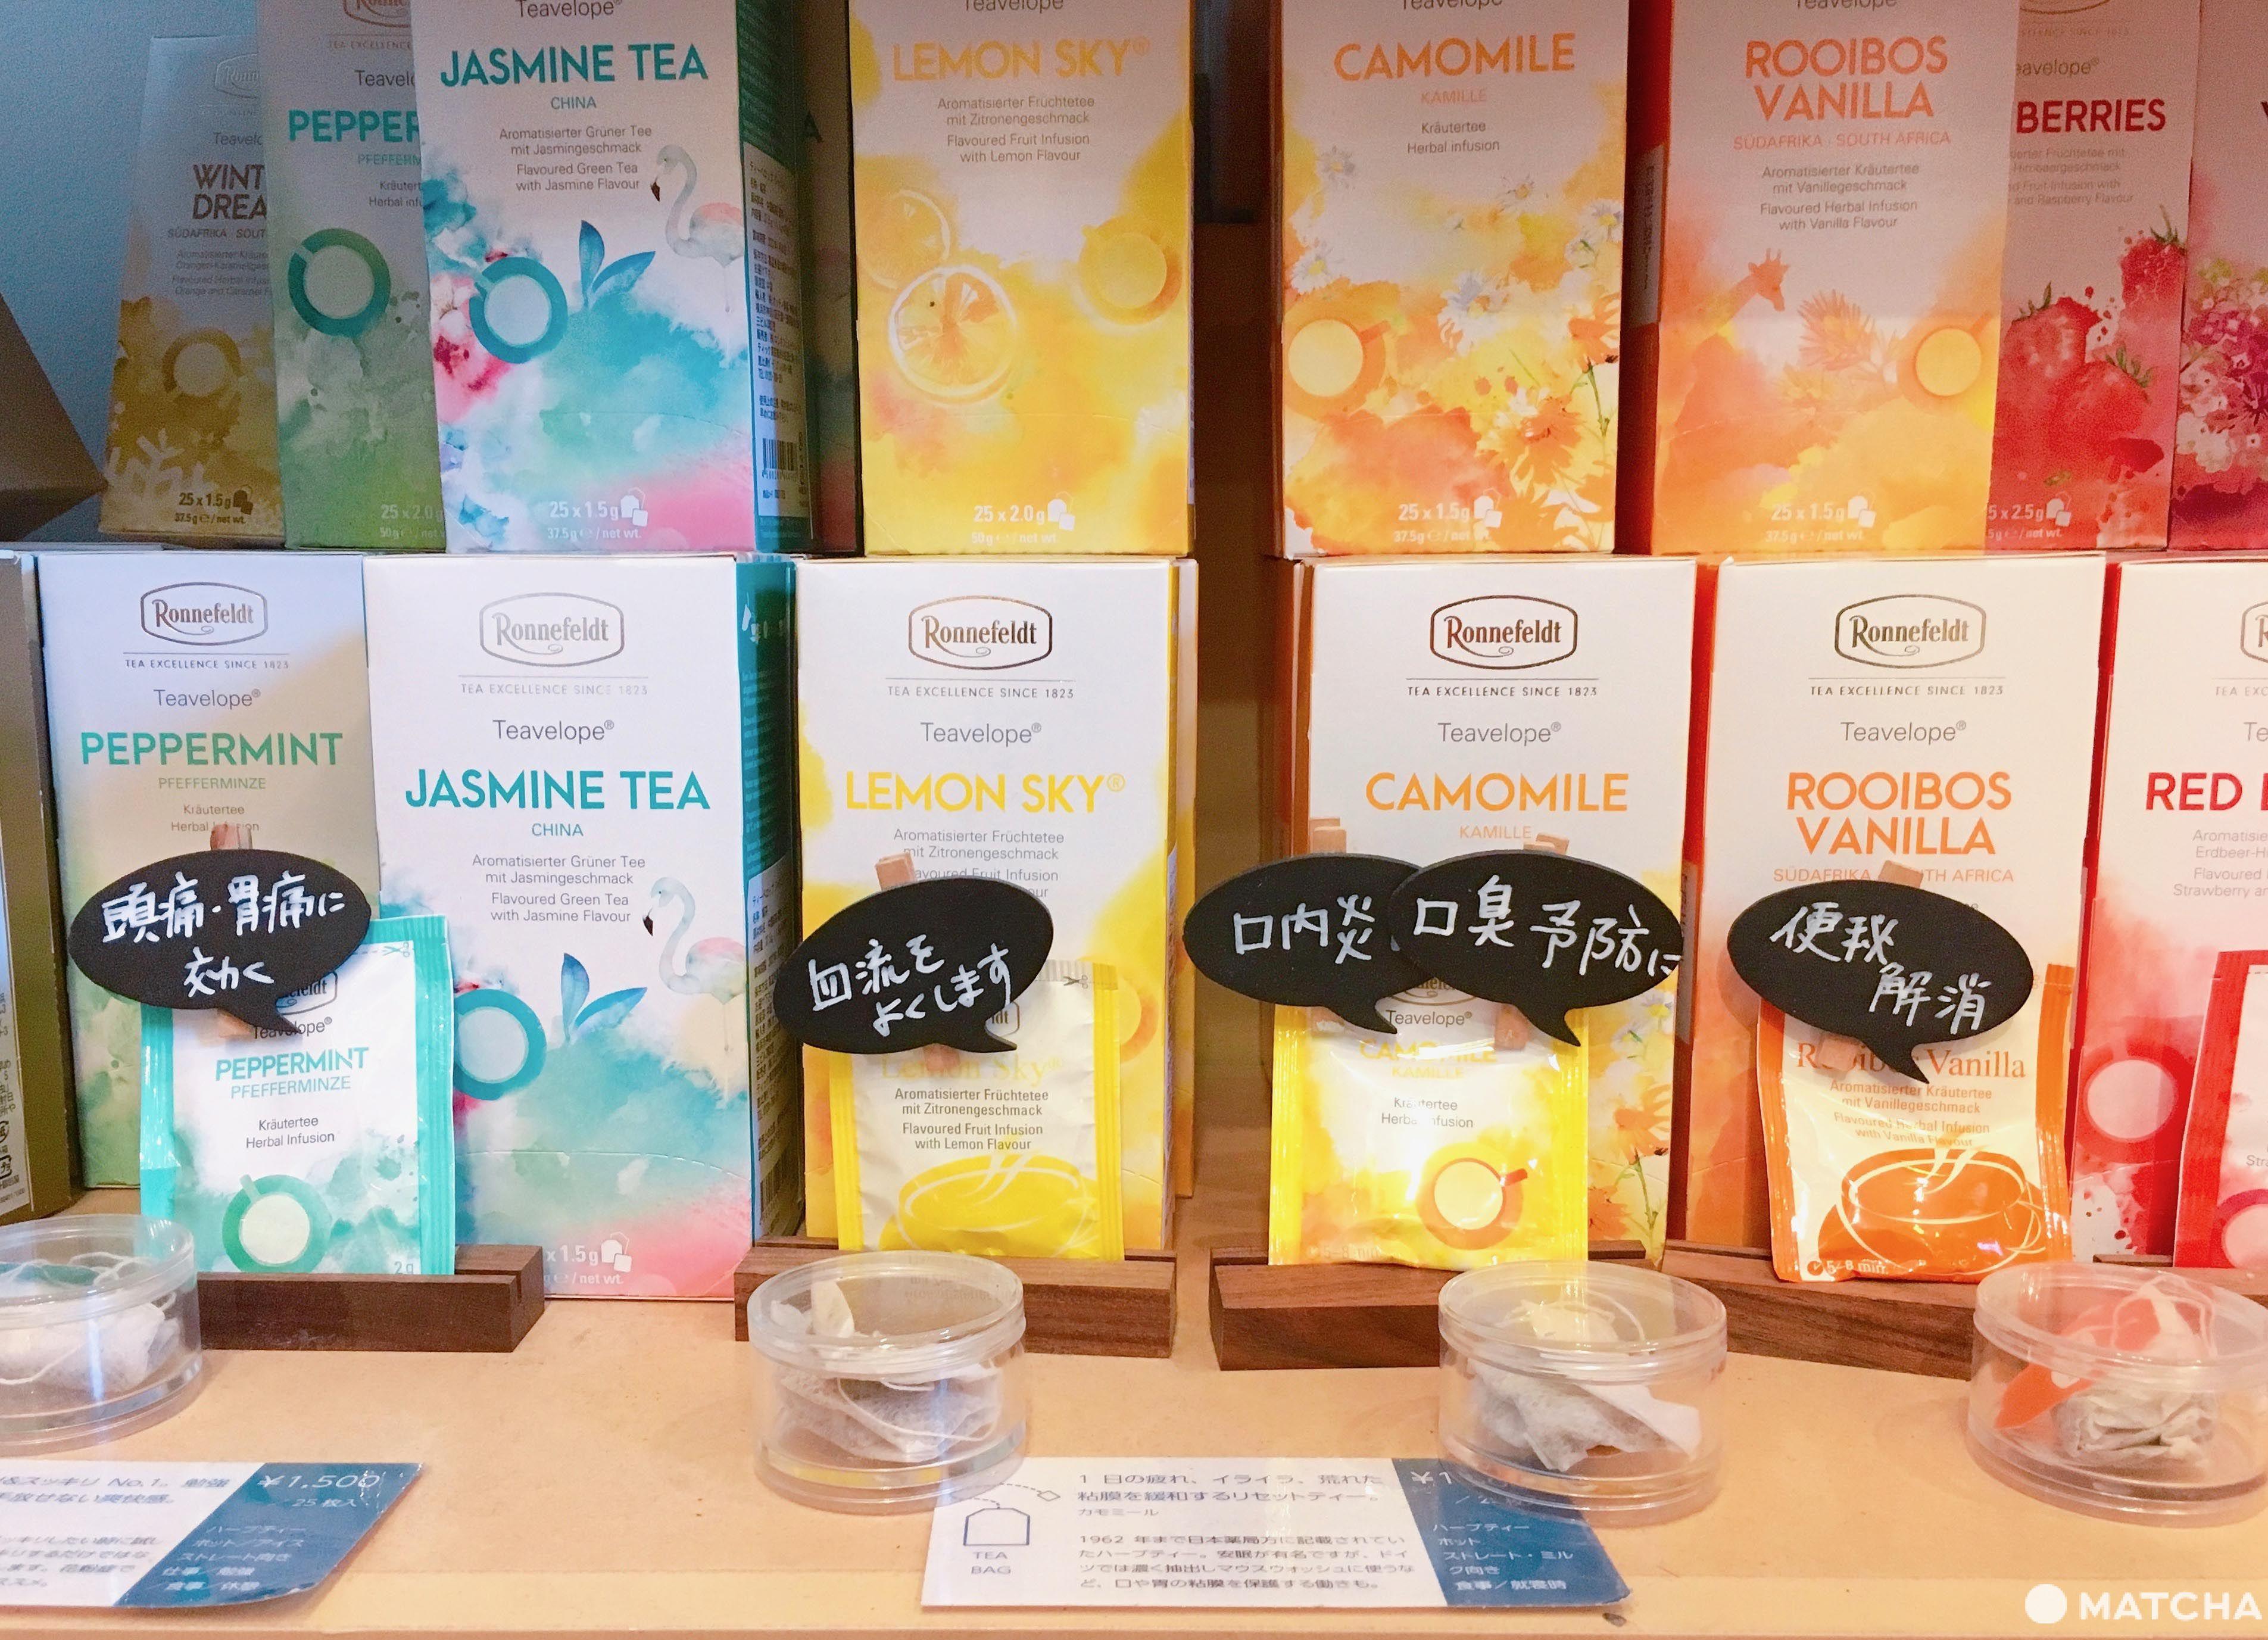 【東京】如果你喜歡細細品味紅茶的話,千萬不要錯過!紅茶專賣店4選。